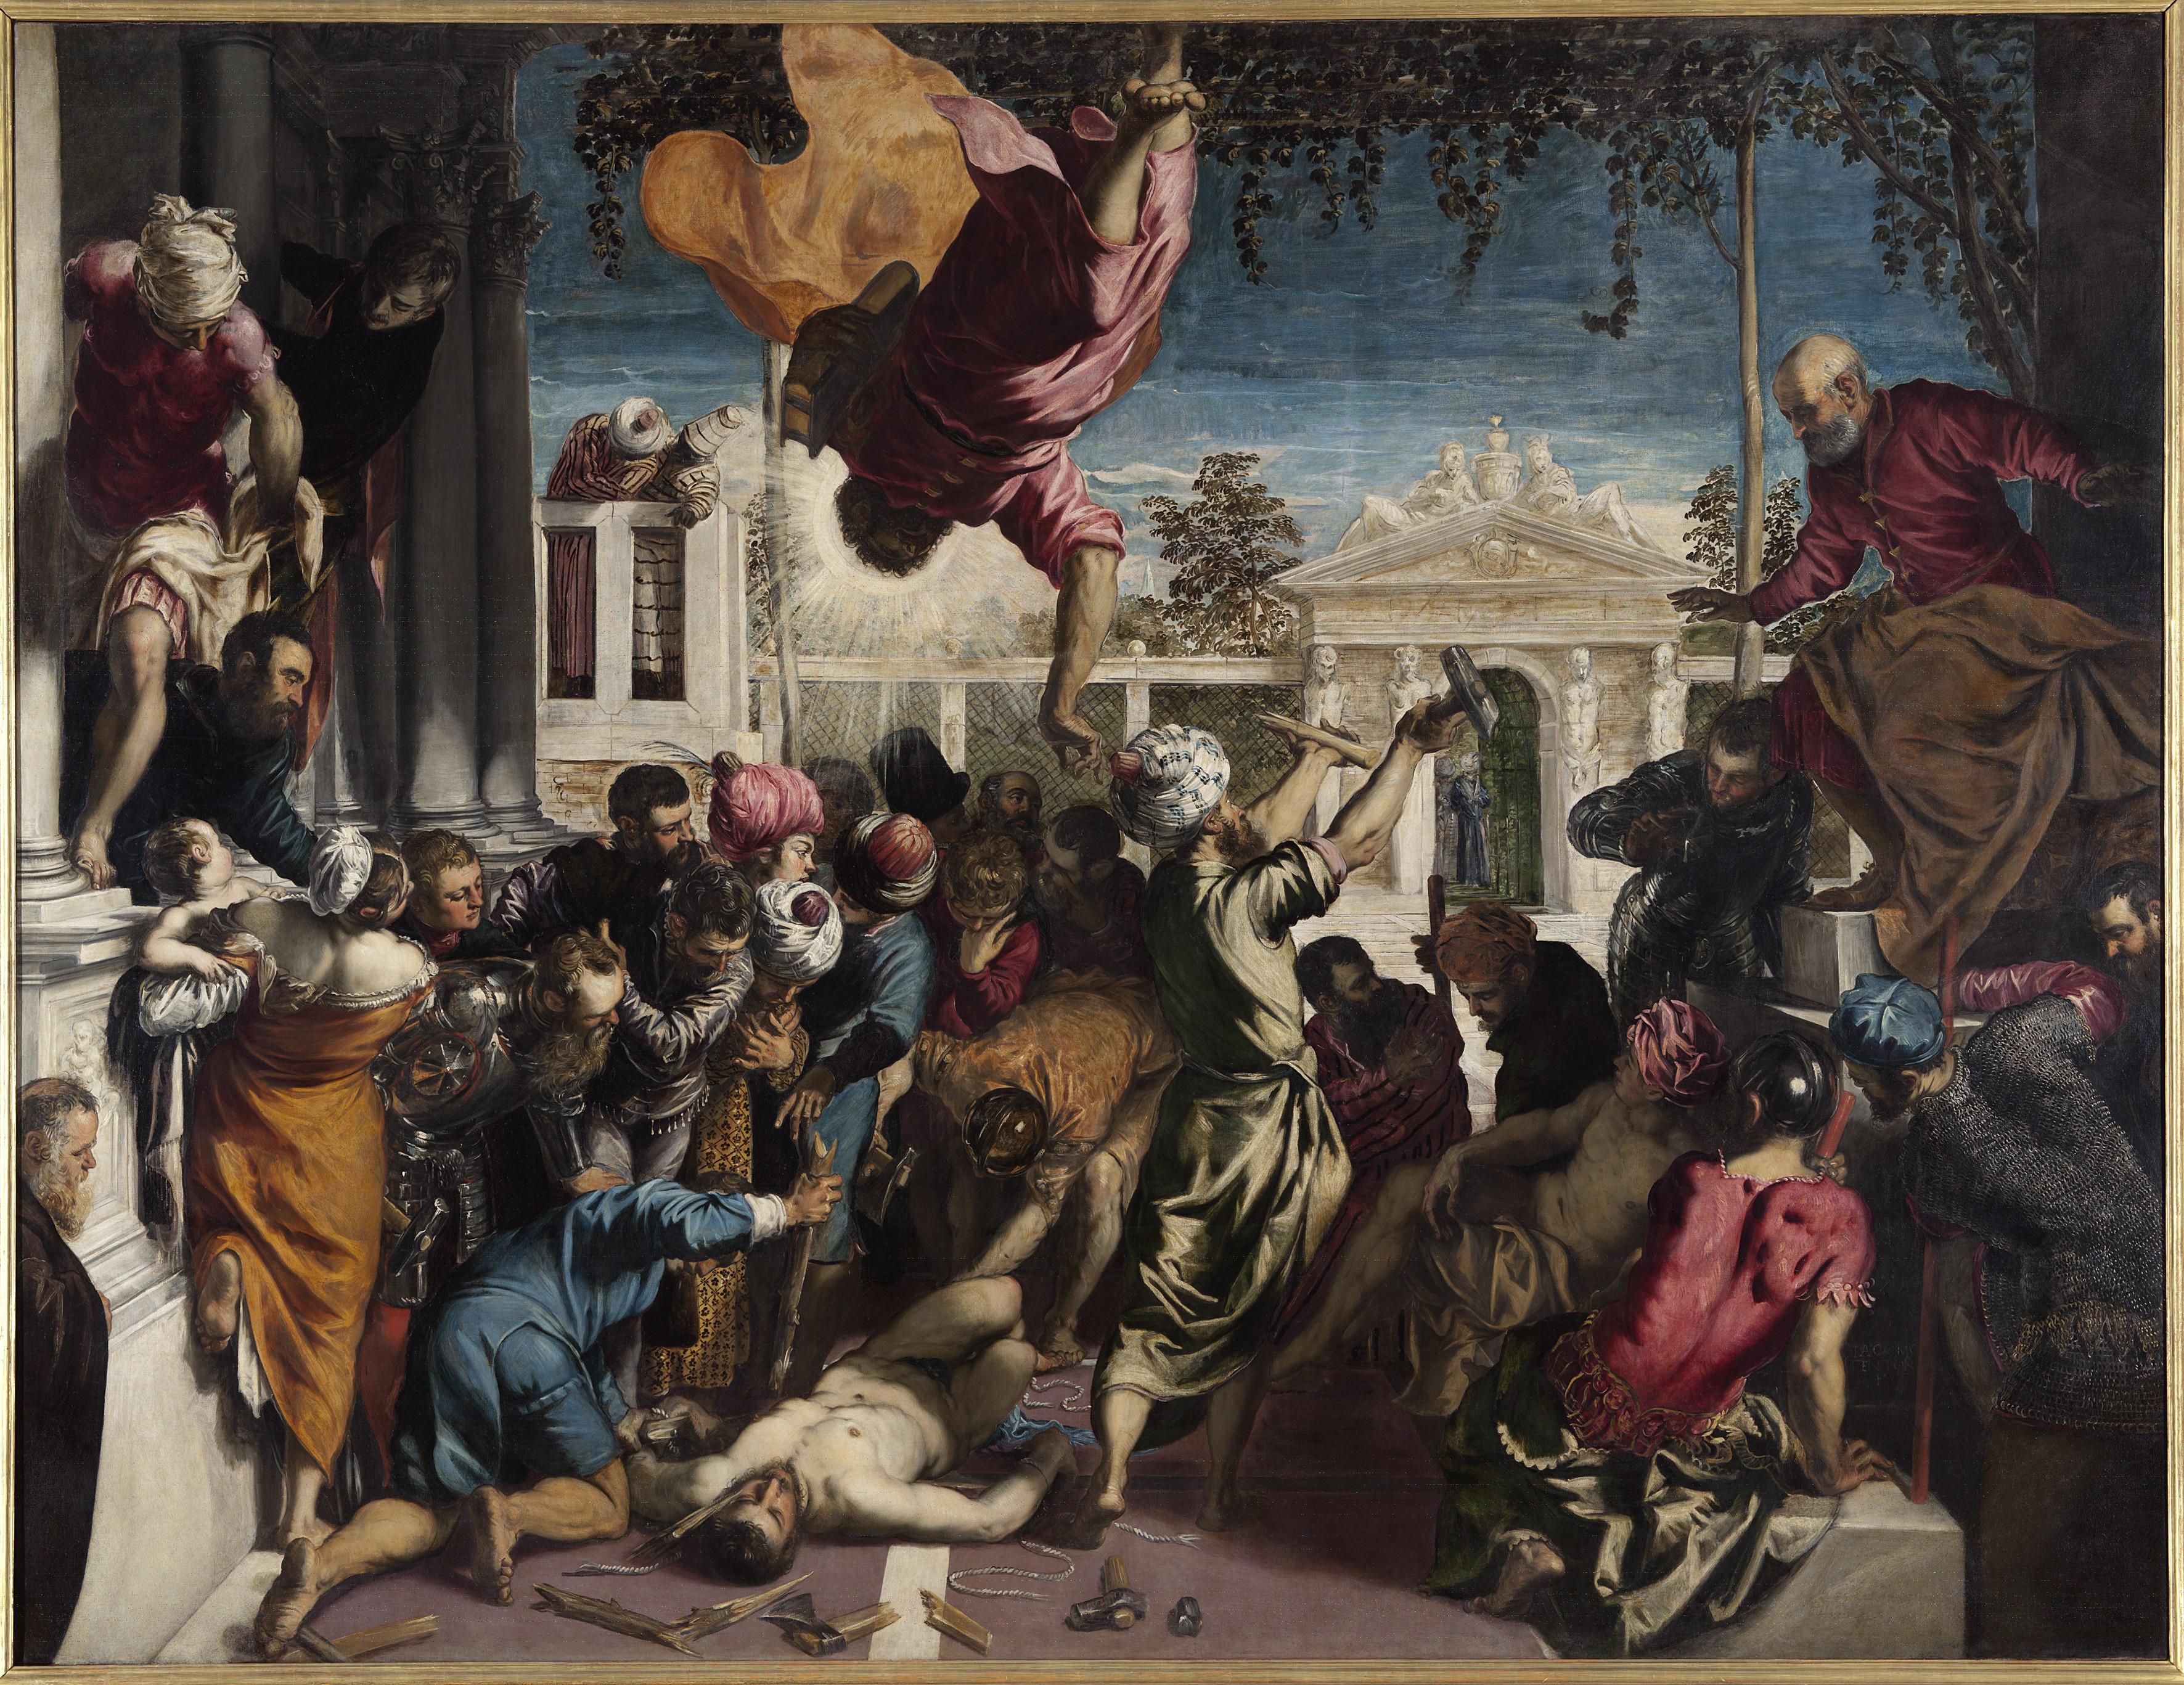 Robusti J. detto Tintoretto – Miracolo dello schiavo – cat. 42